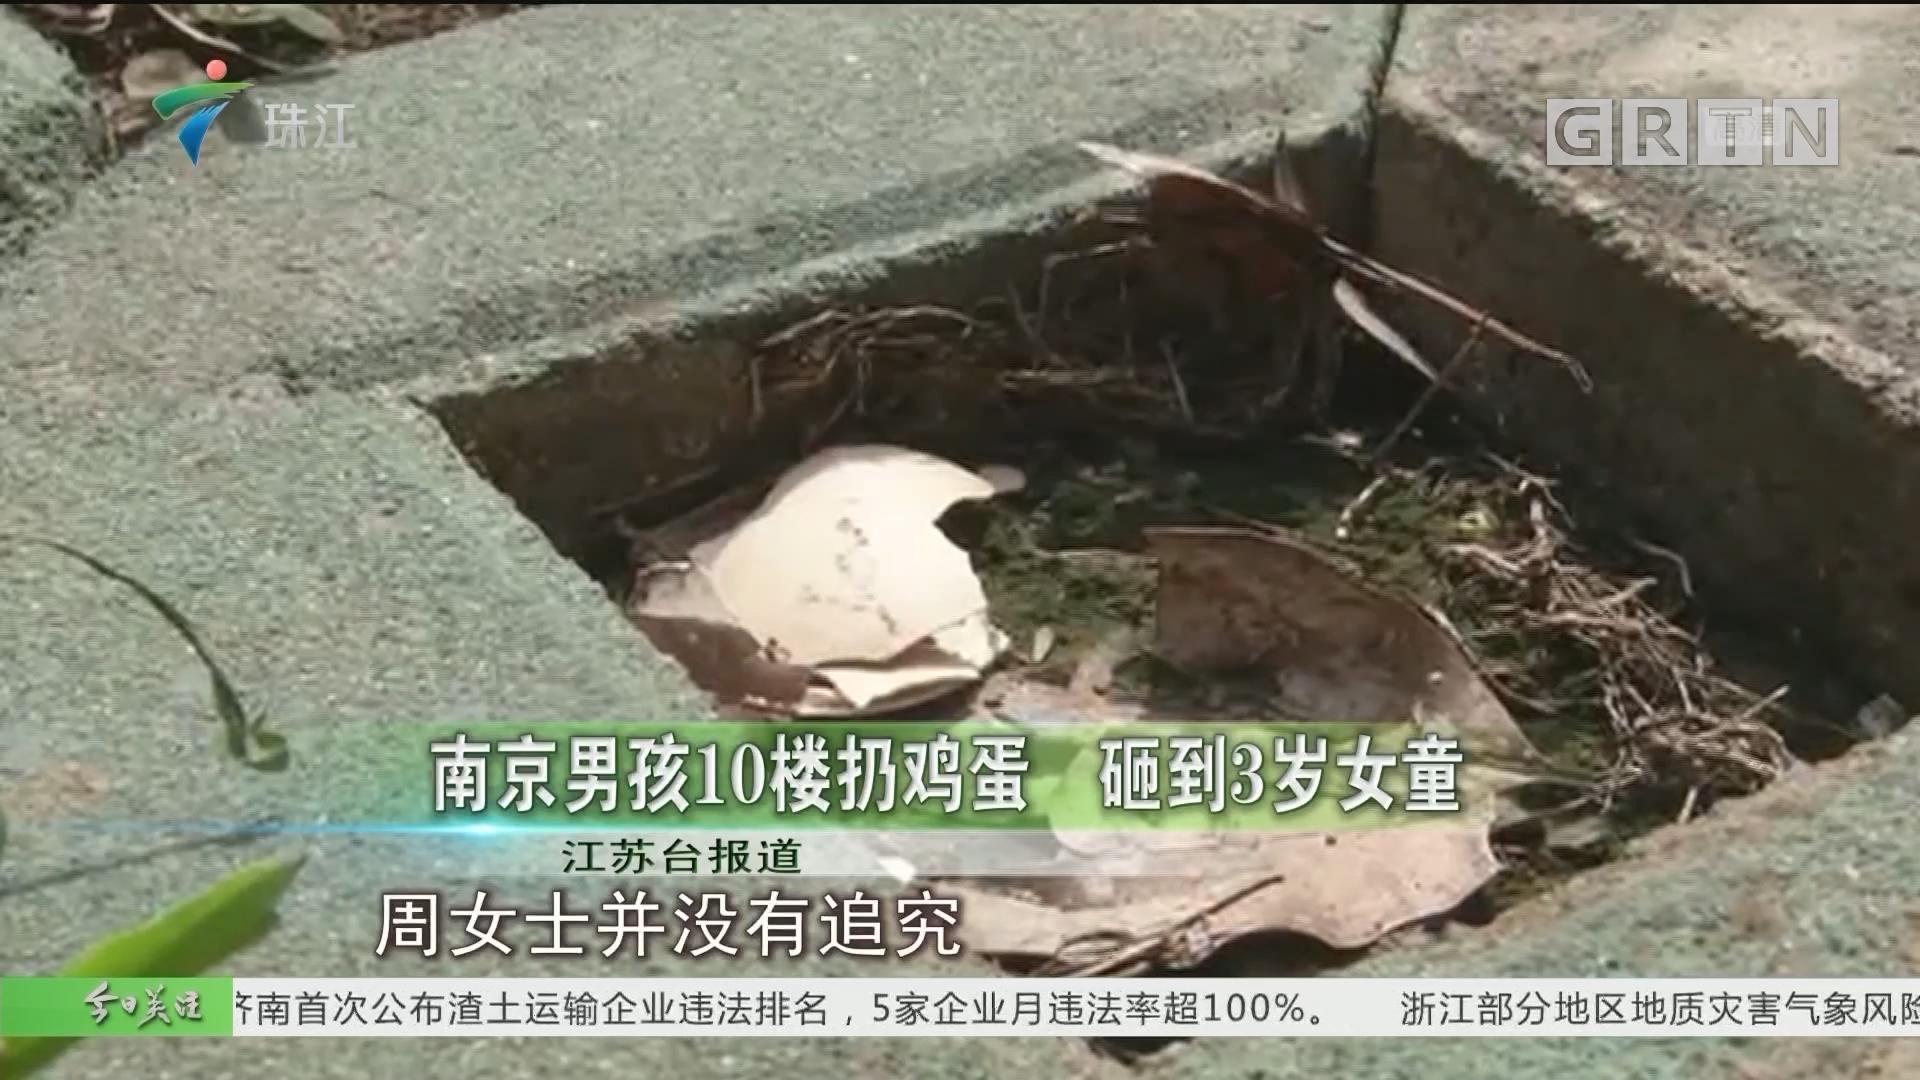 南京男孩10樓扔雞蛋 砸到3歲女童